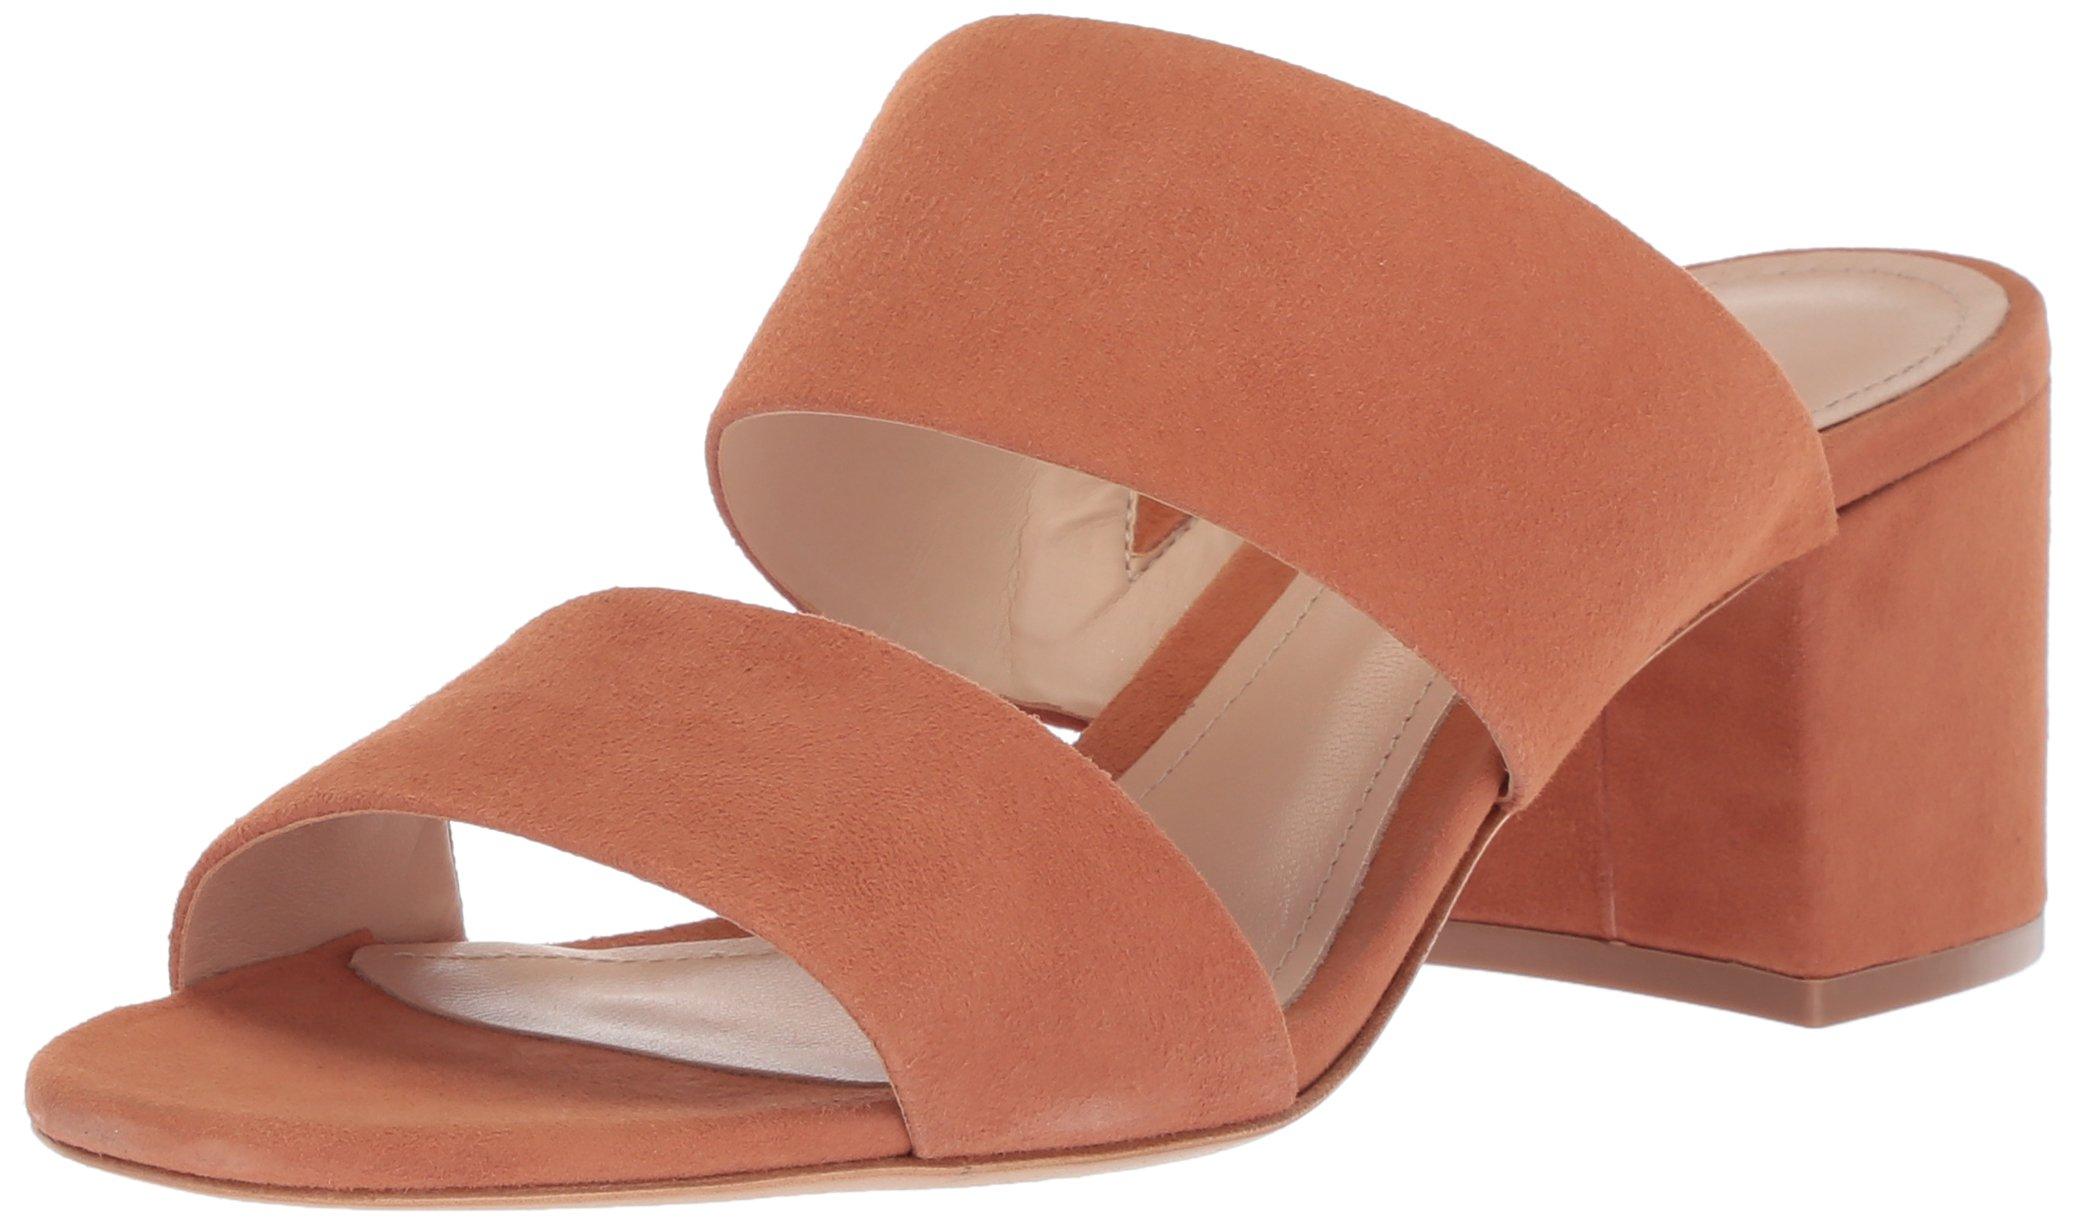 SCHUTZ Women's Rashne Heeled Sandal, Toasted Nut, 7 M US